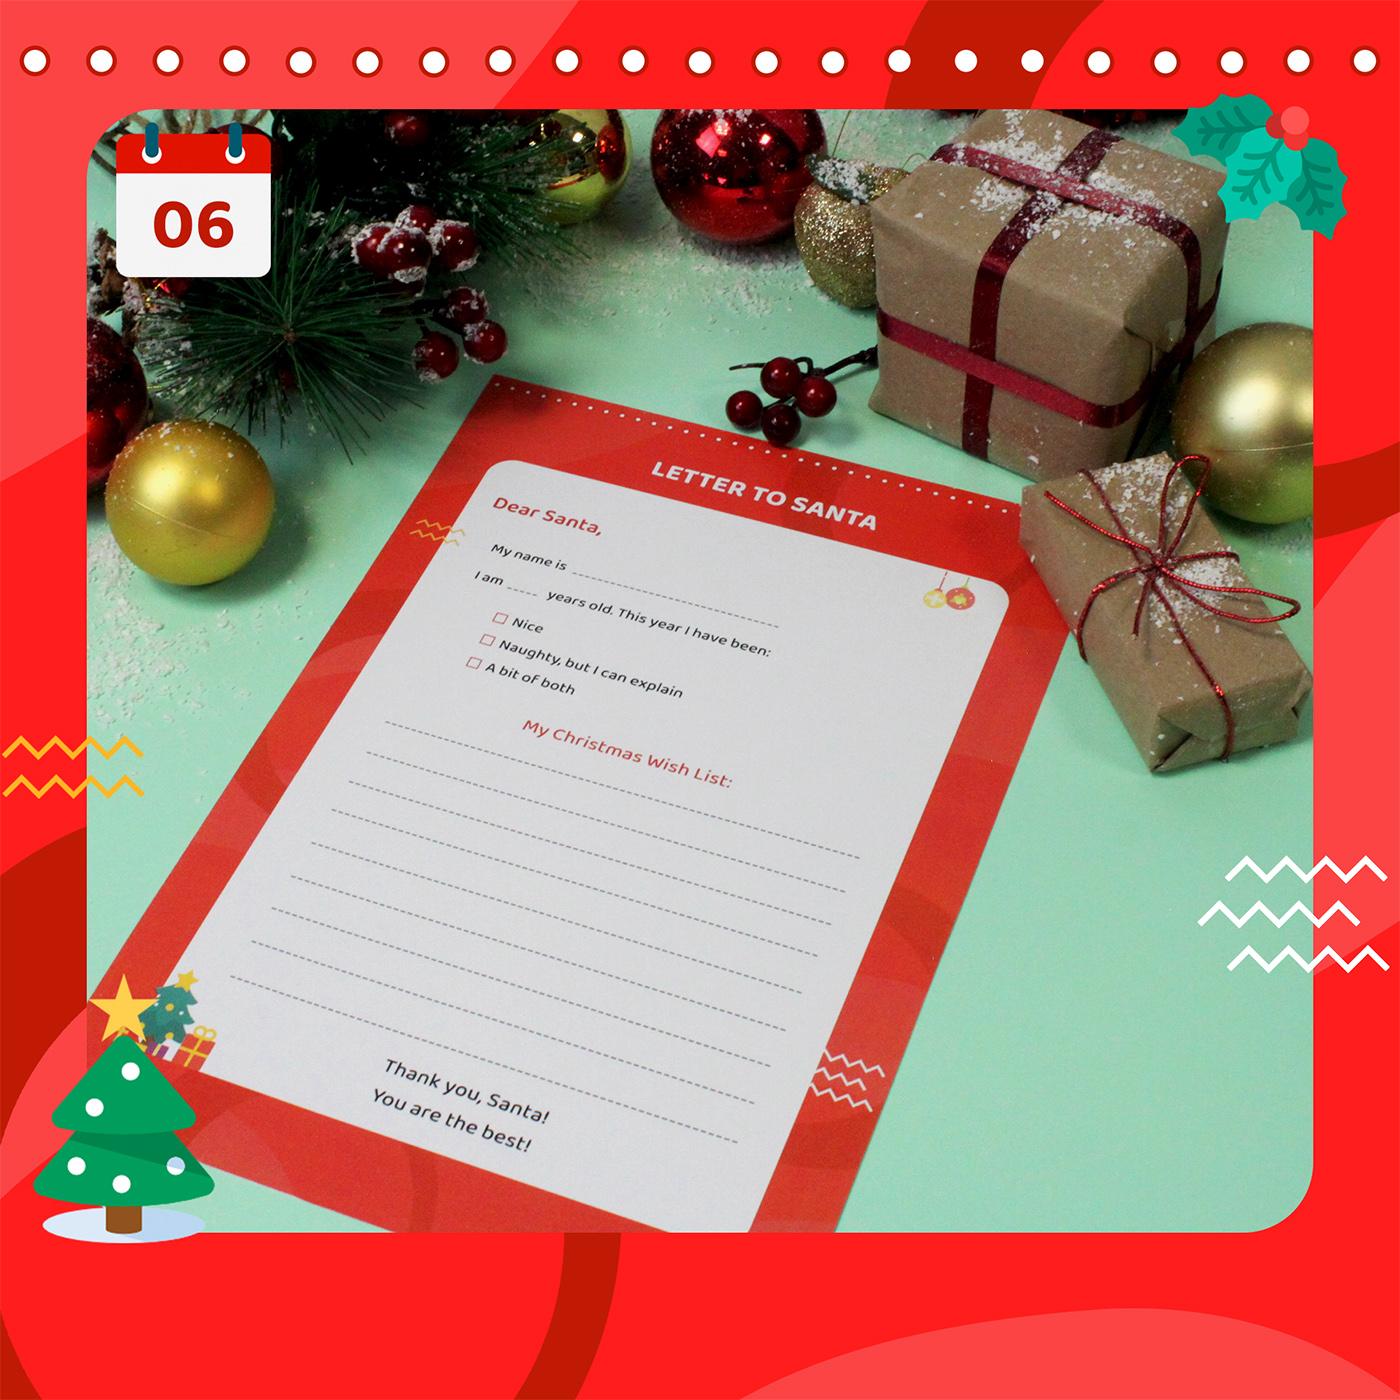 06_Outright-Games_Advent_Calendar